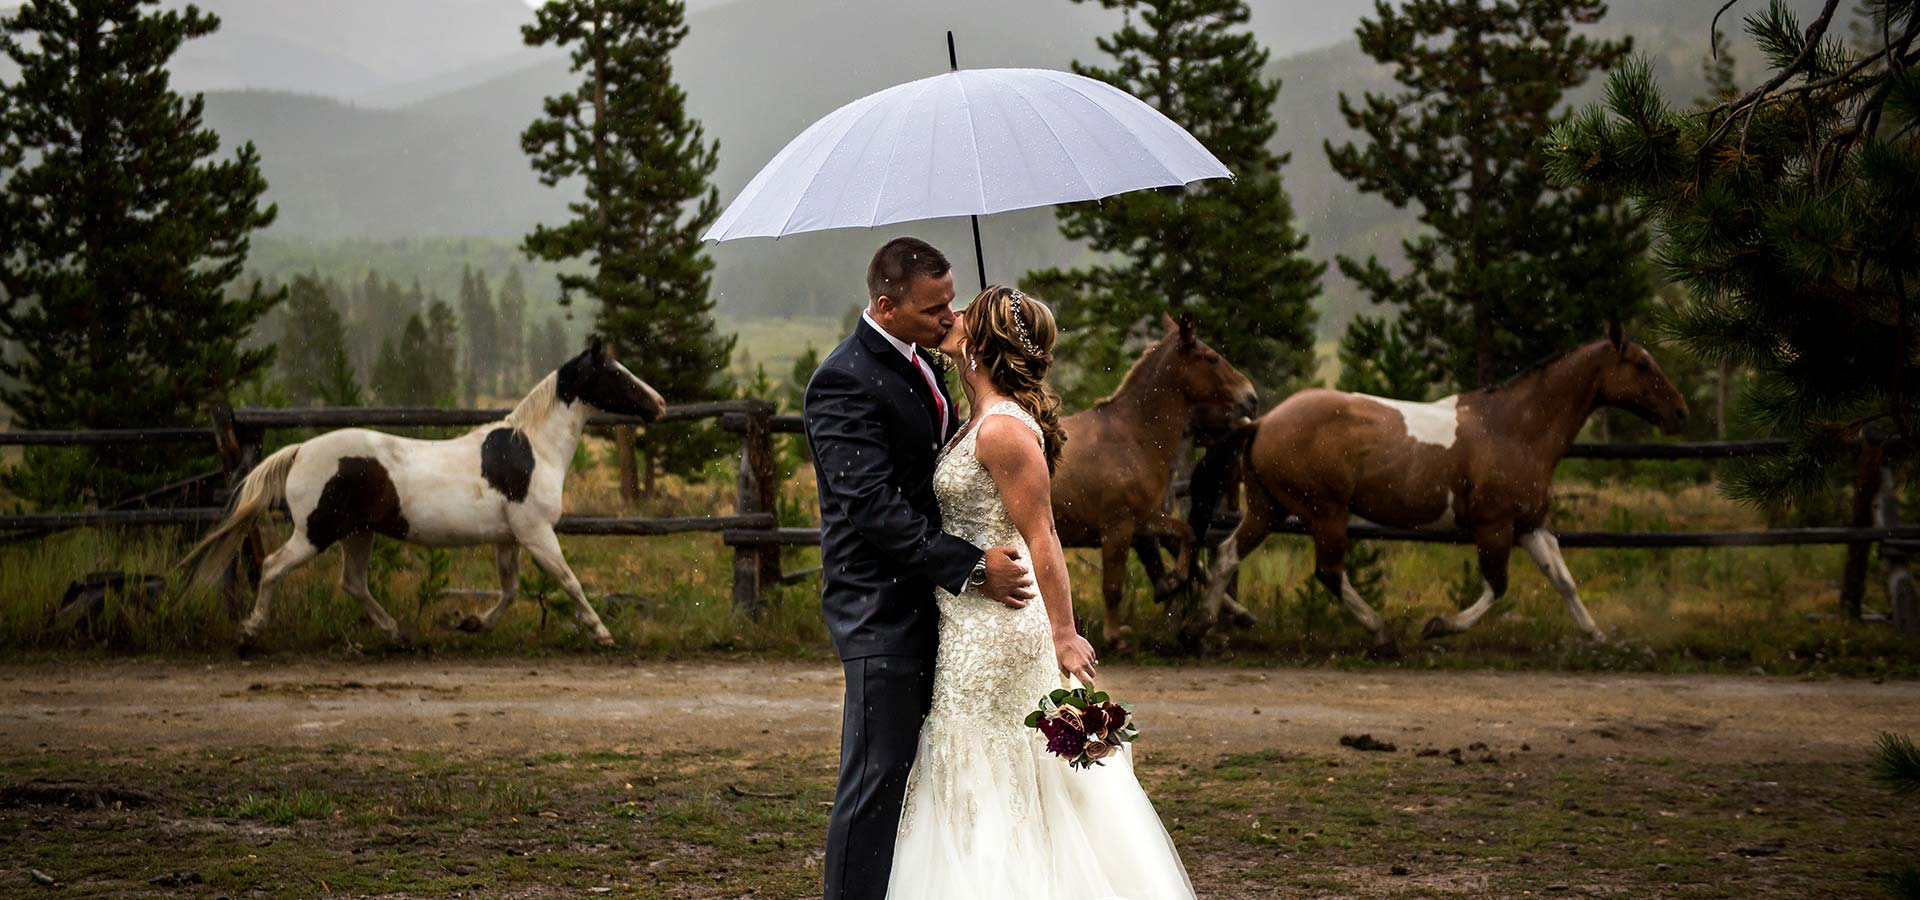 the best Colorado wedding rentals companies in Winter Park Colorado